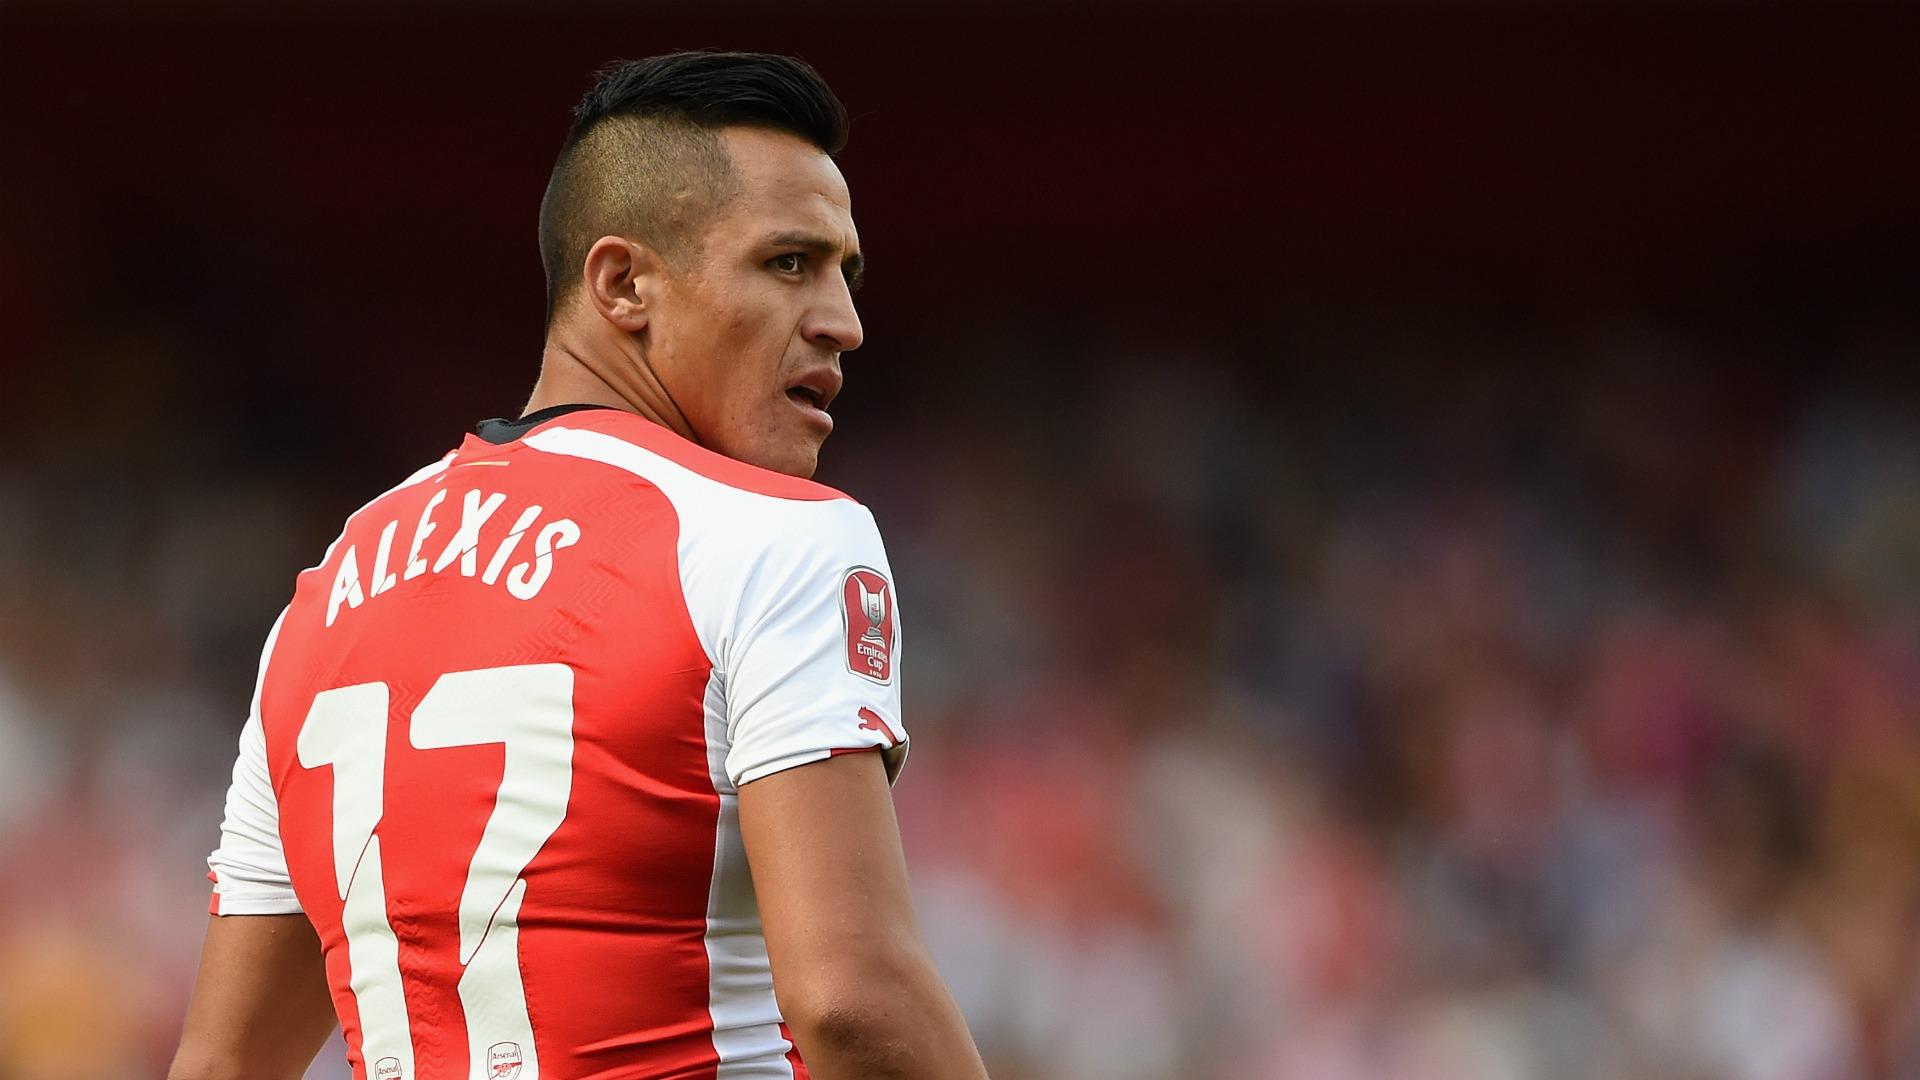 """Mercato - Alexis Sanchez, le PSG """"s'est positionné comme l'une des pistes les plus concrètes"""""""